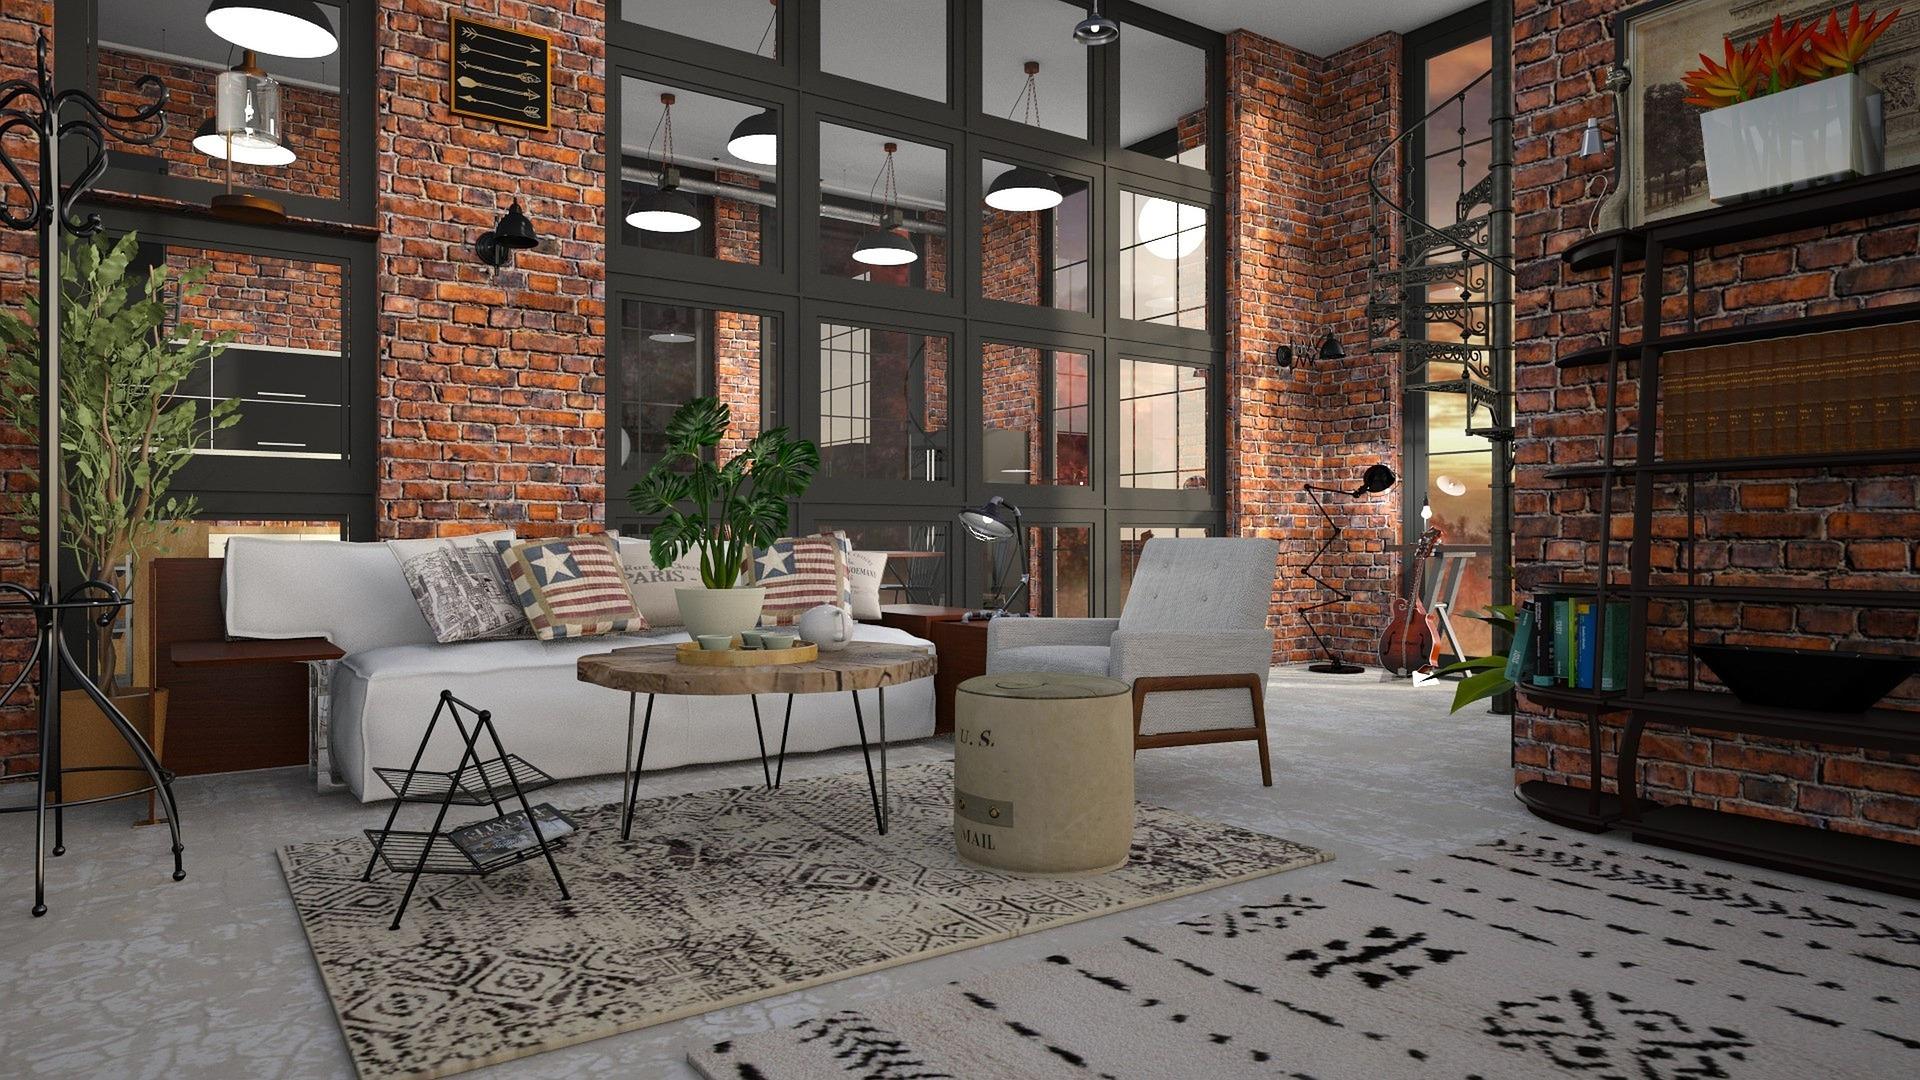 5 motivi per affidarsi ad un designer d'interni per arredare casa